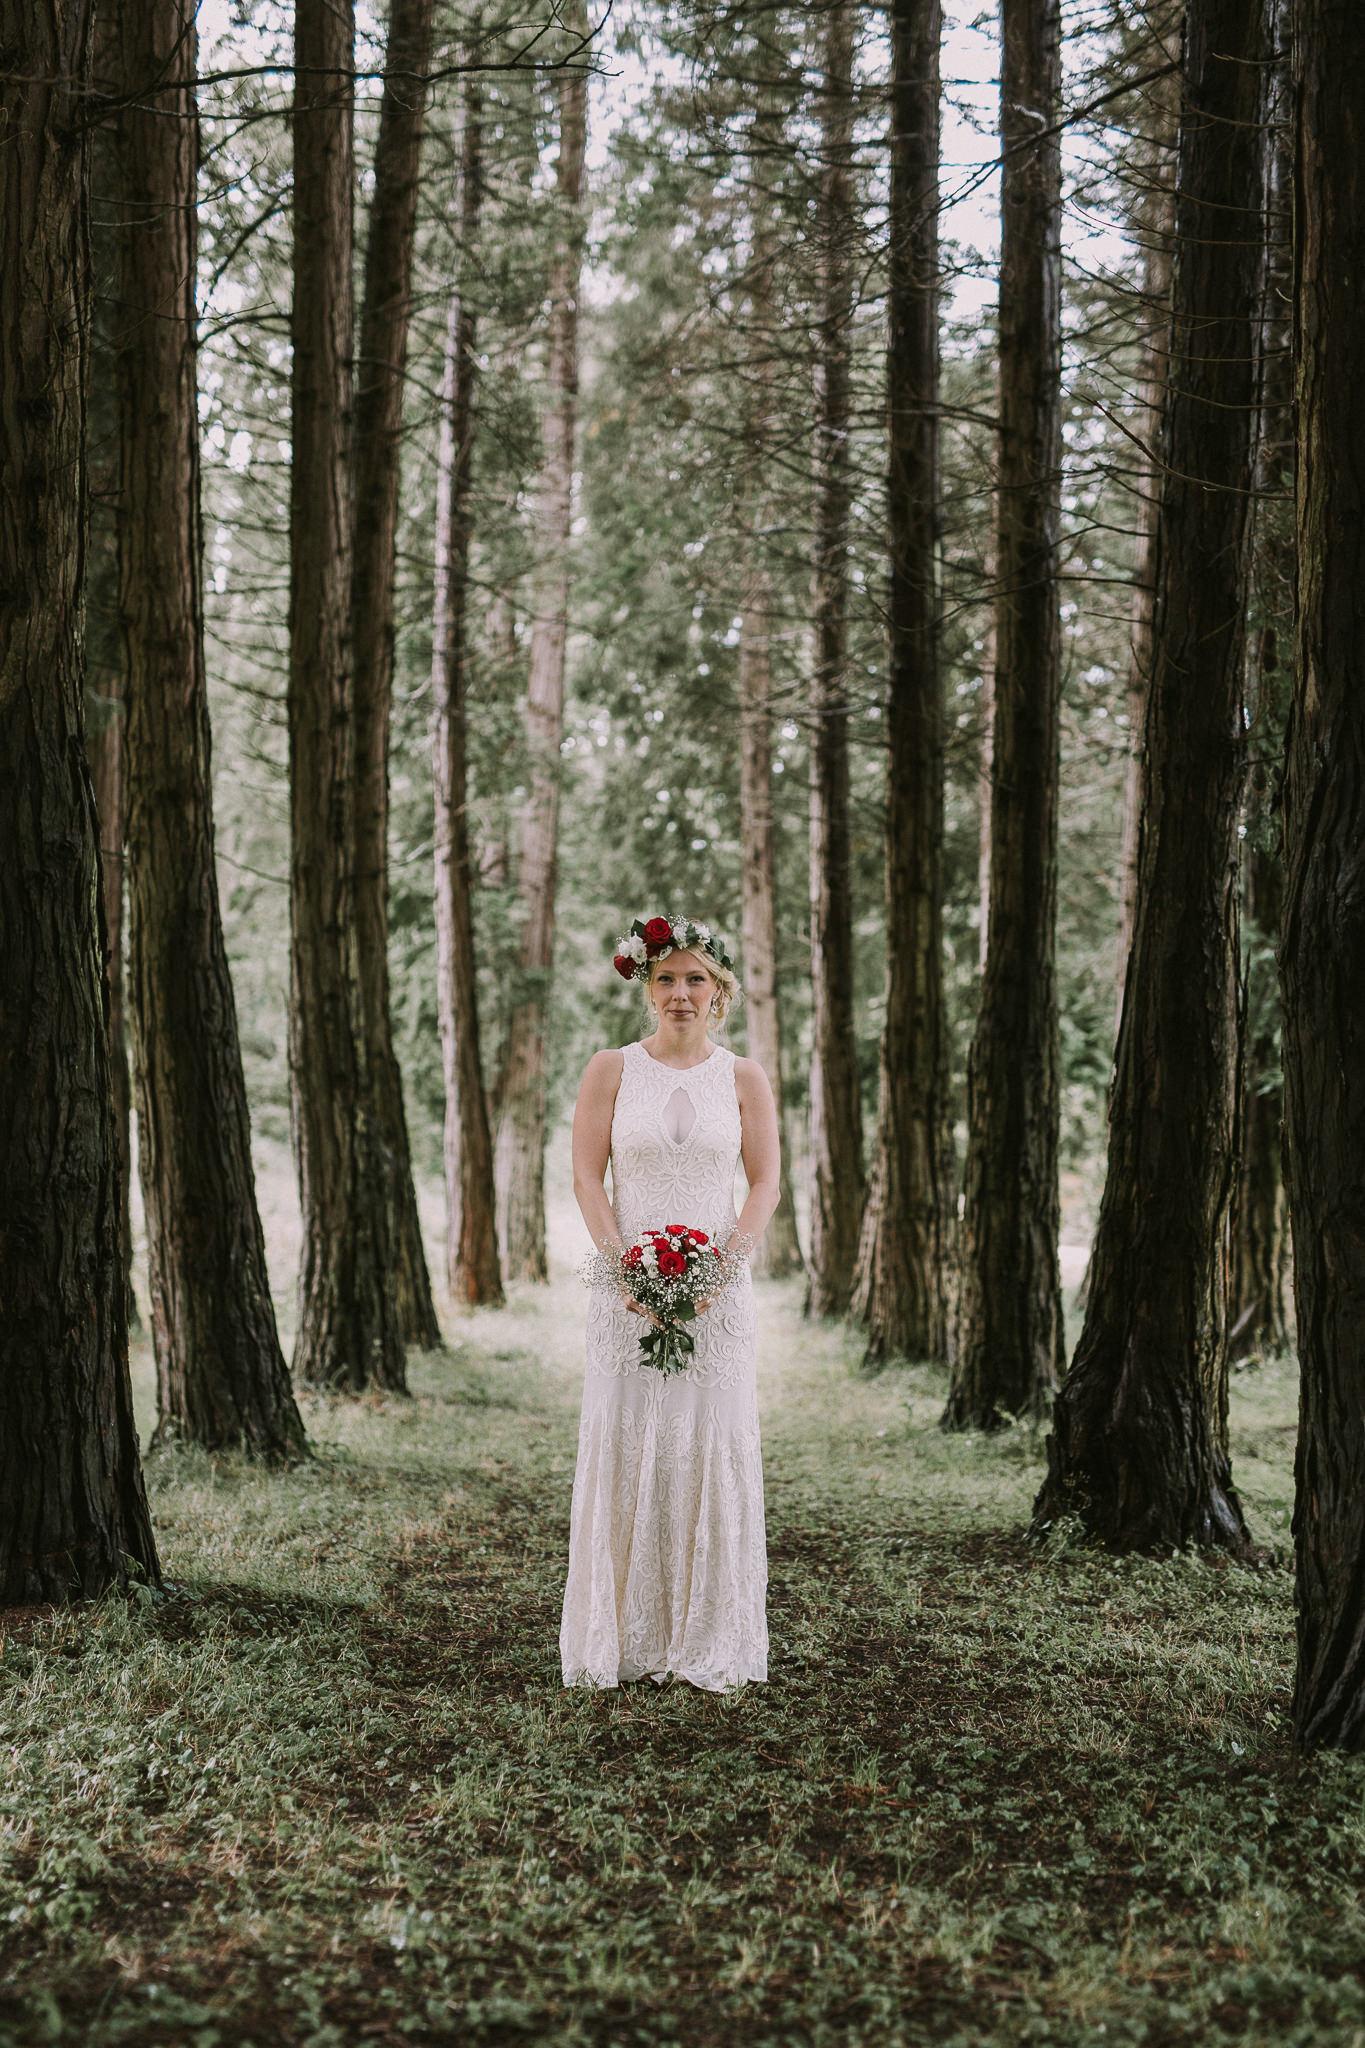 bryllupsbilde-blikkfangerne-fotograf-Tone-Tvedt06.jpg